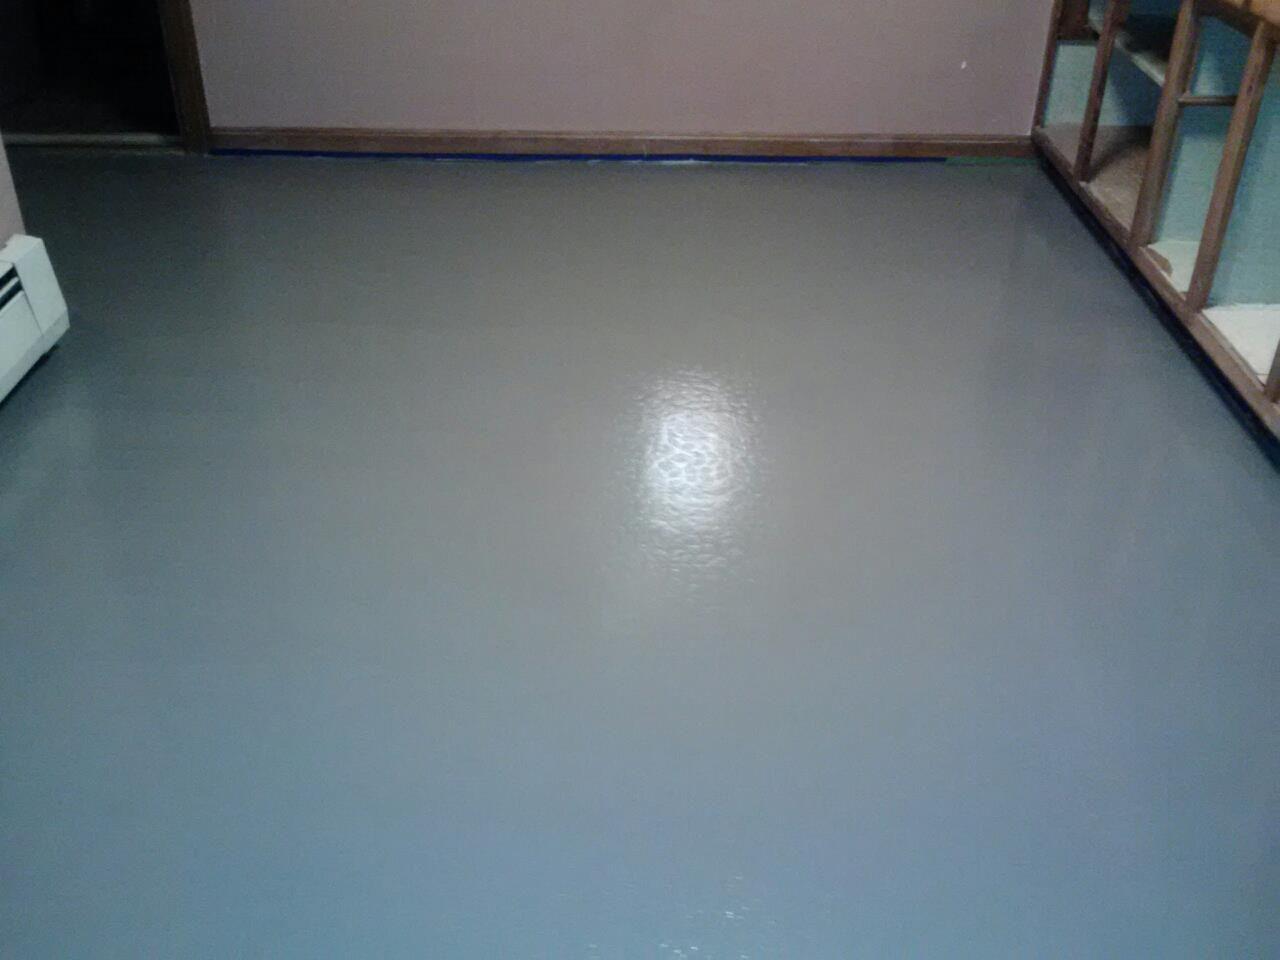 Painting linoleum bathroom floor - Painted Linoleum Floors Must Be One Big Sheet Of Linoleum In Good Shape